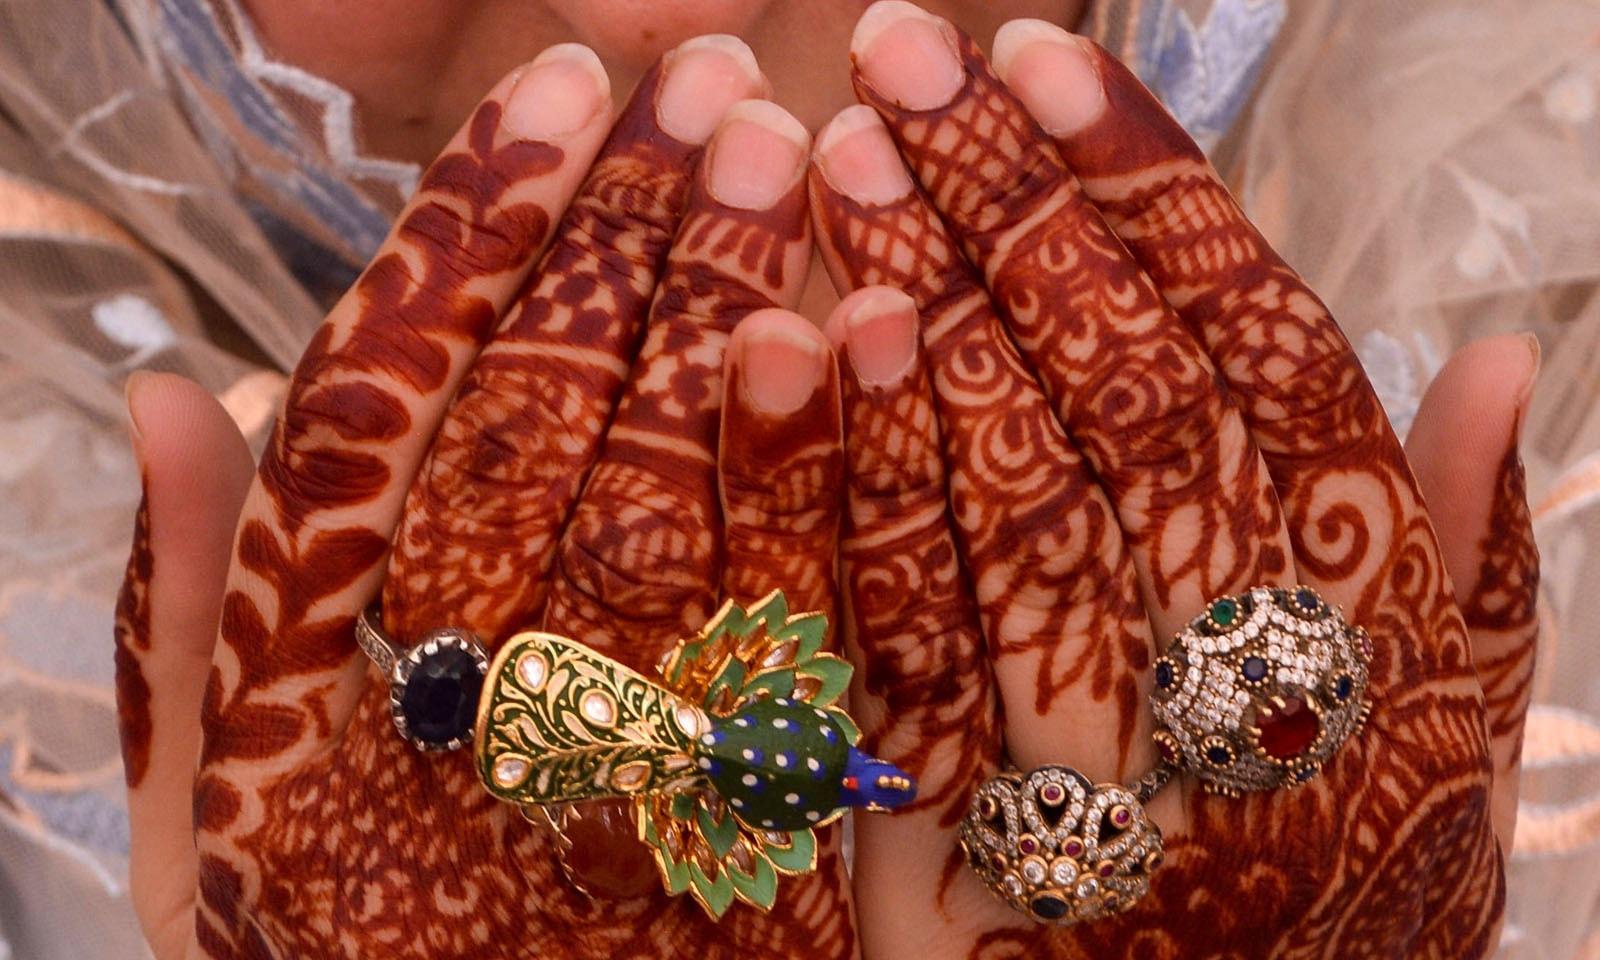 خواتین نے عید کے موقع پر خوب تیاری کی —فوٹو/ اے ایف پی